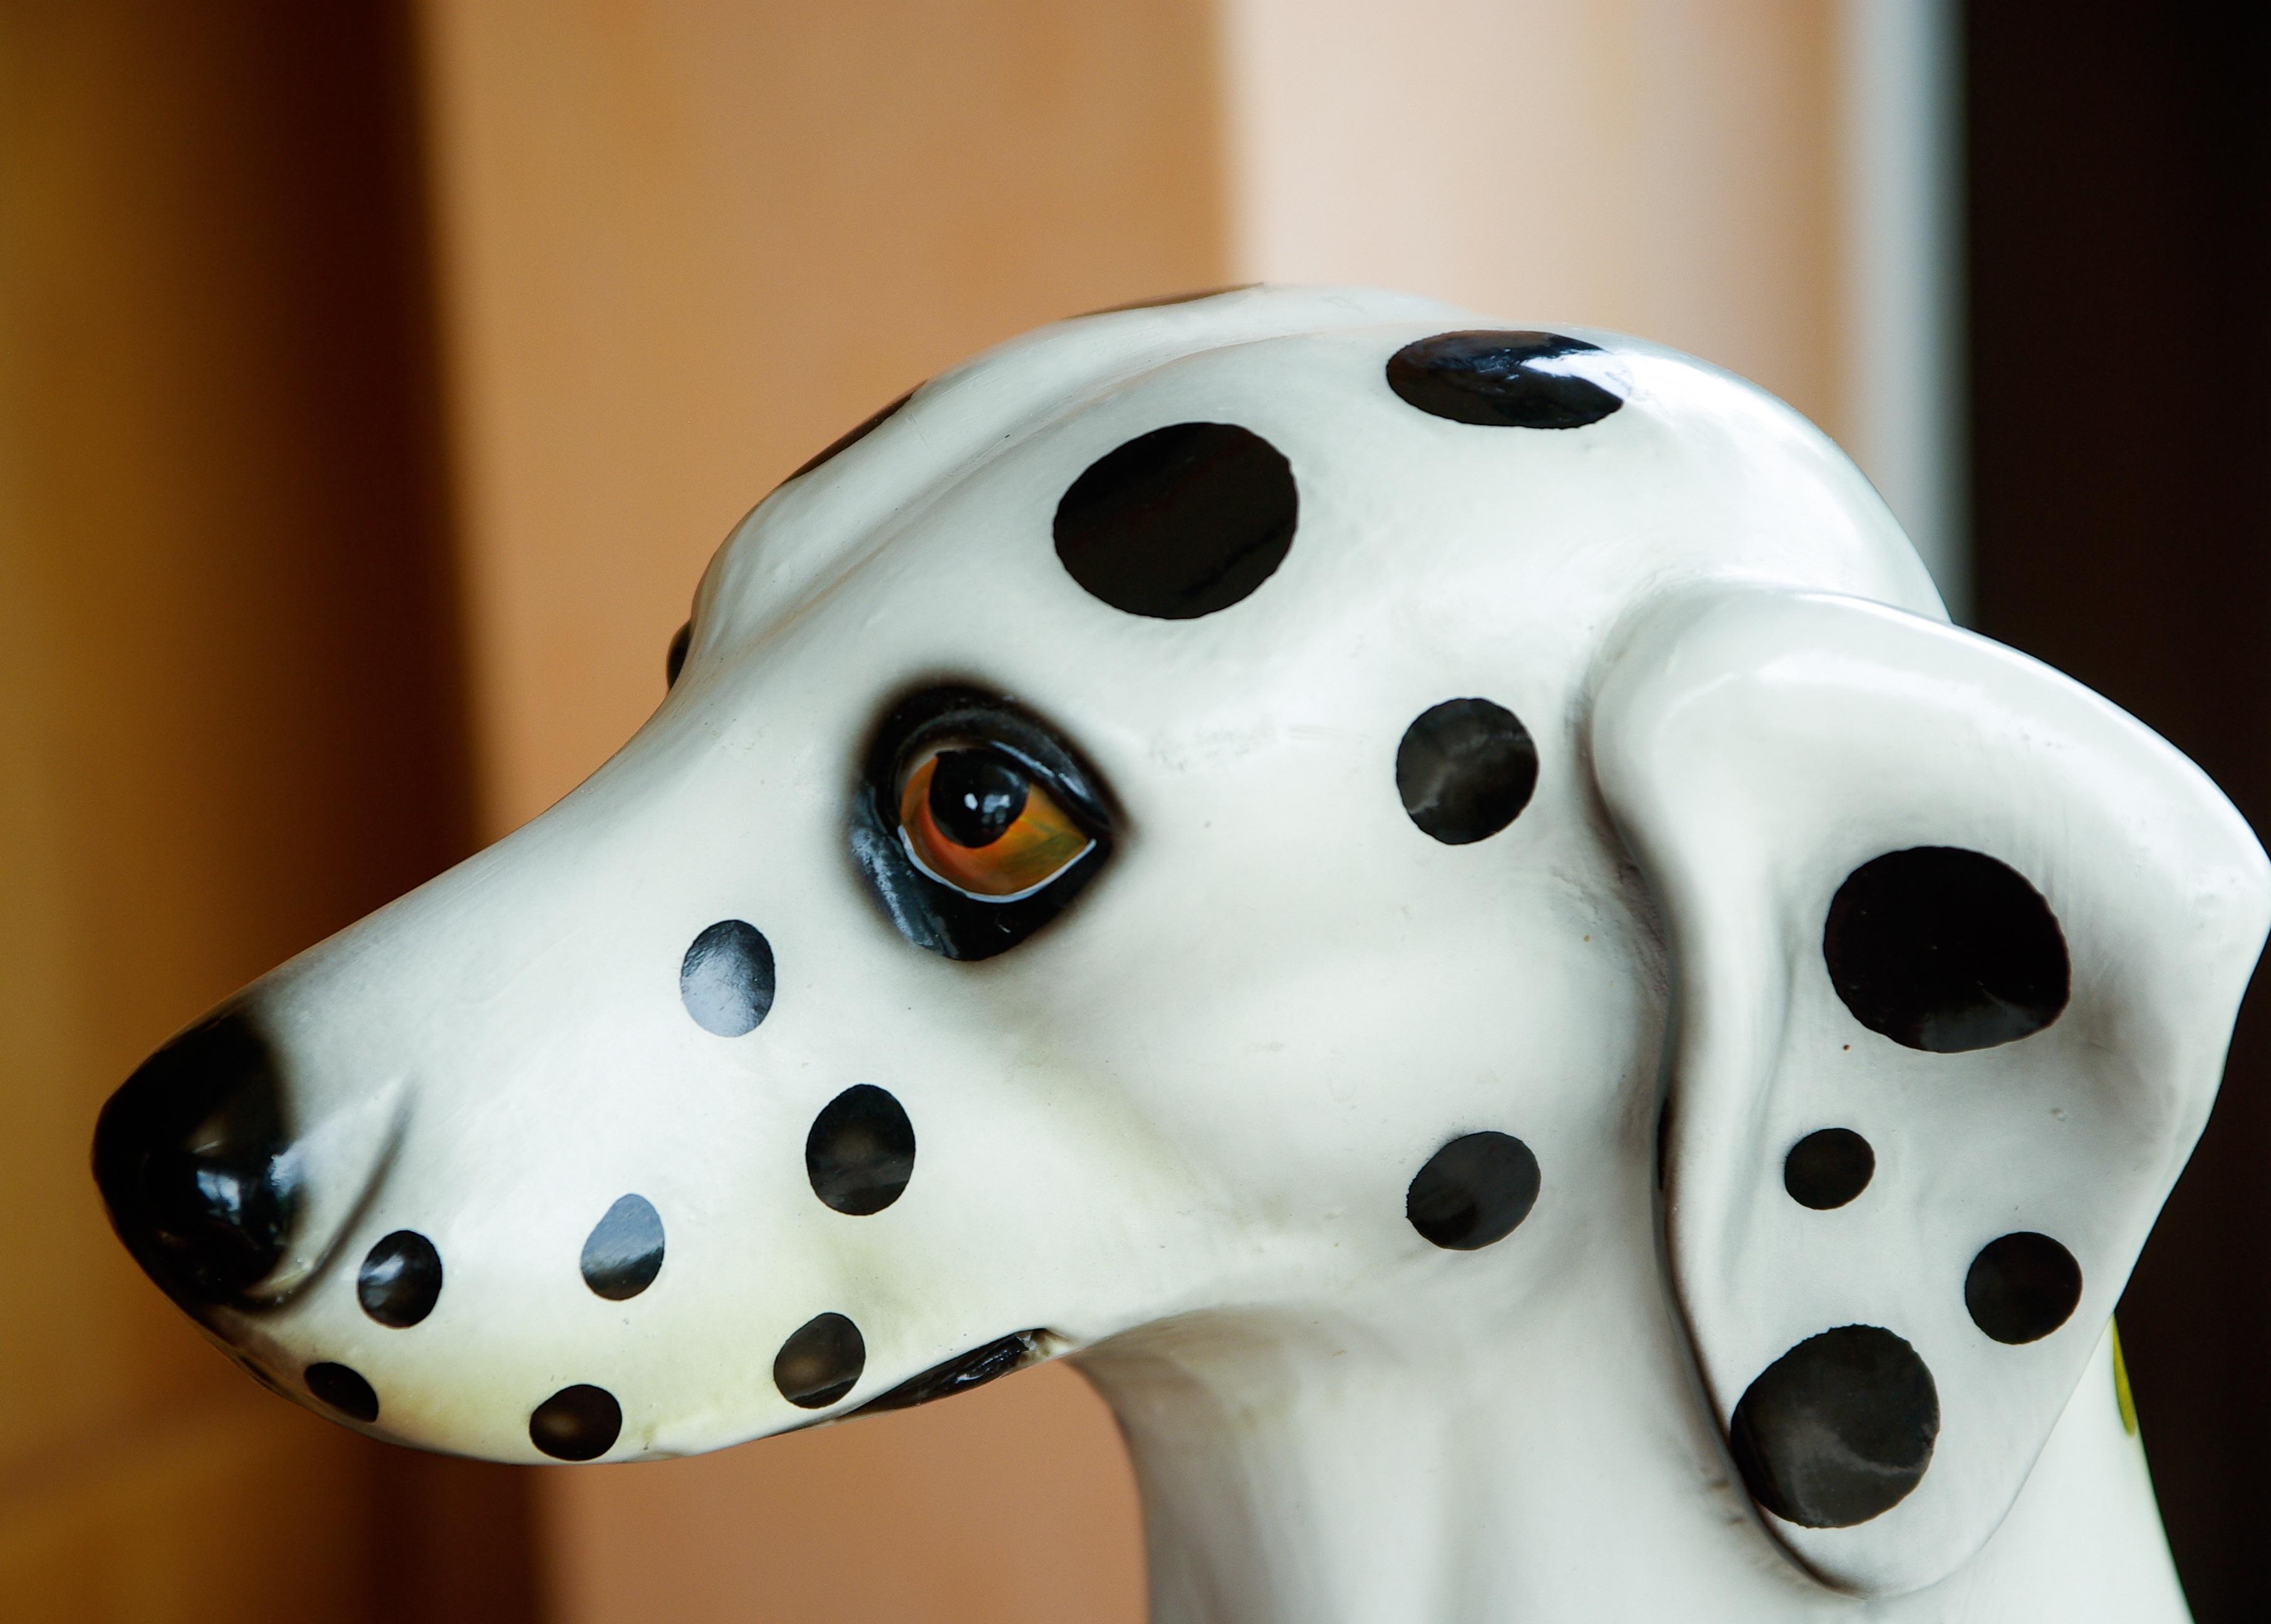 Fotos gratis : blanco, perro, estatua, patrón, ropa, máscara, hocico ...